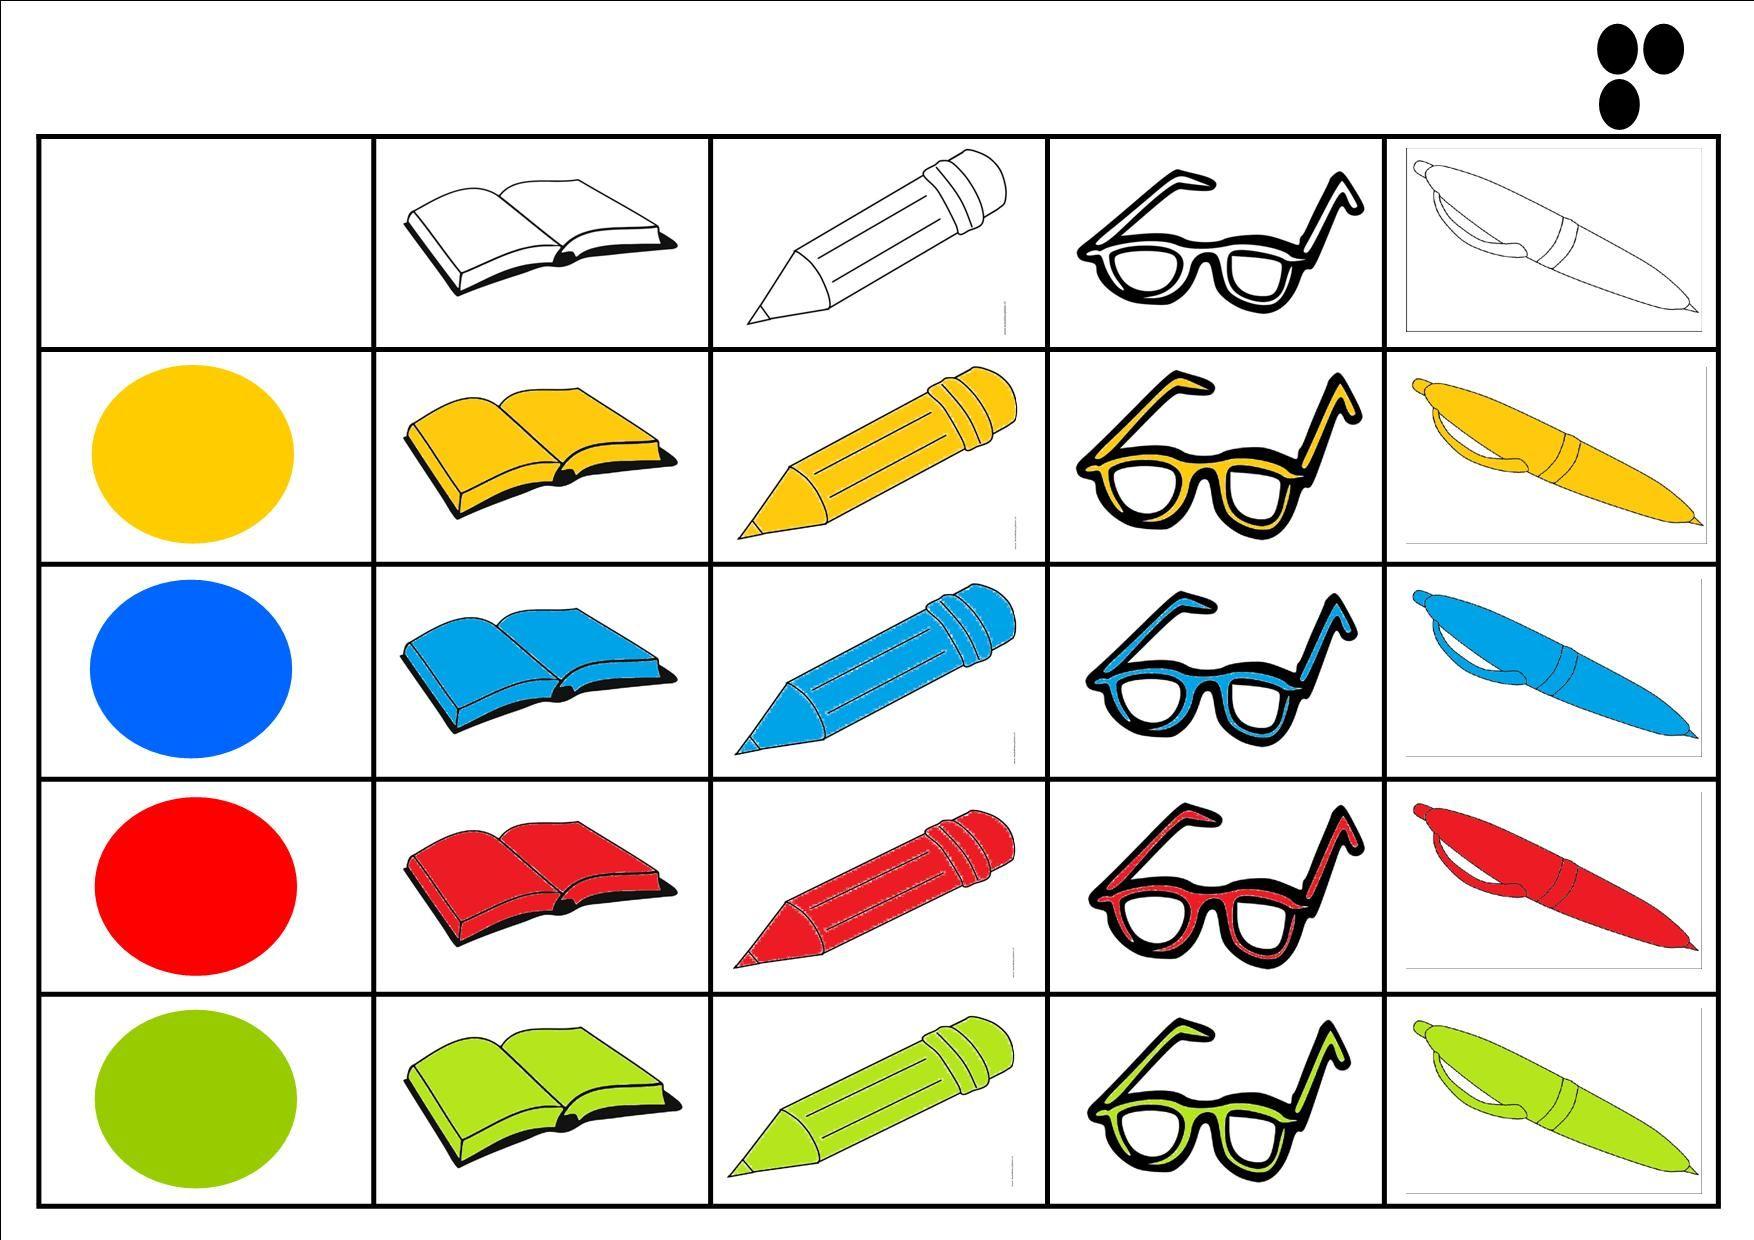 Matrix Boeken Moeilijk 1 Boeken Thema Boekenwormen